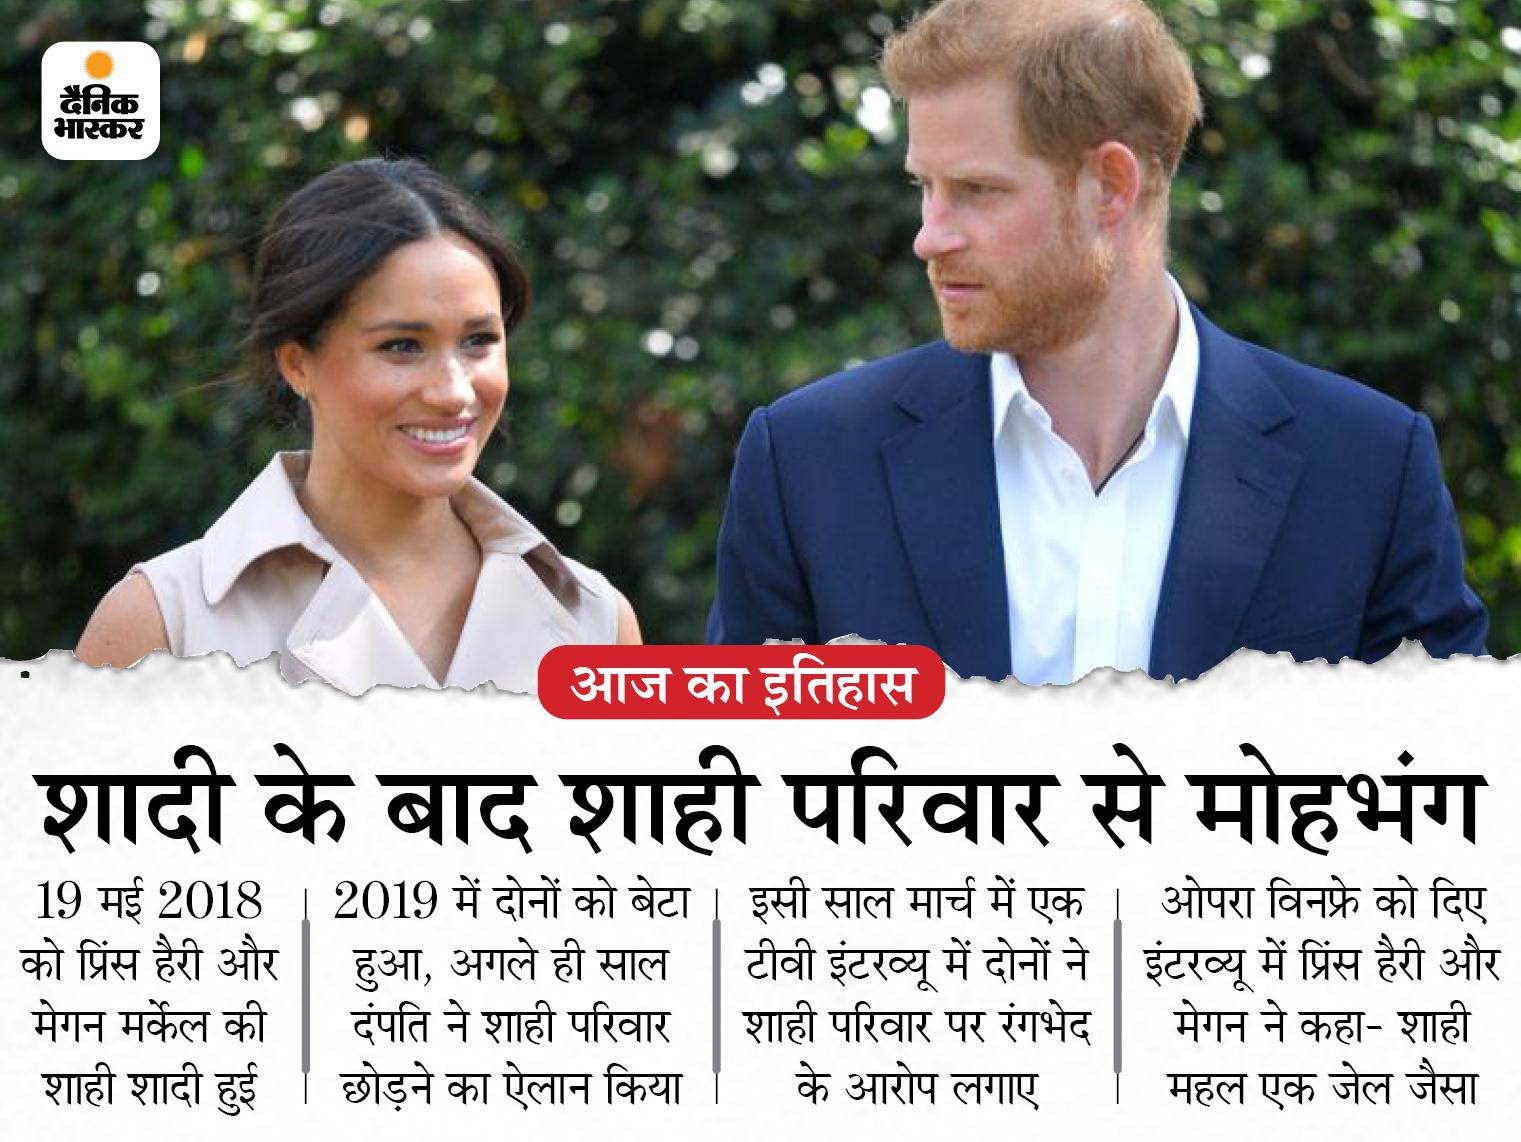 प्रिंस हैरी और मेगन मर्केल की शादी के 3 साल, शादी के बाद ही शाही परिवार छोड़ा, रंगभेद के आरोप भी लगाए|देश,National - Dainik Bhaskar